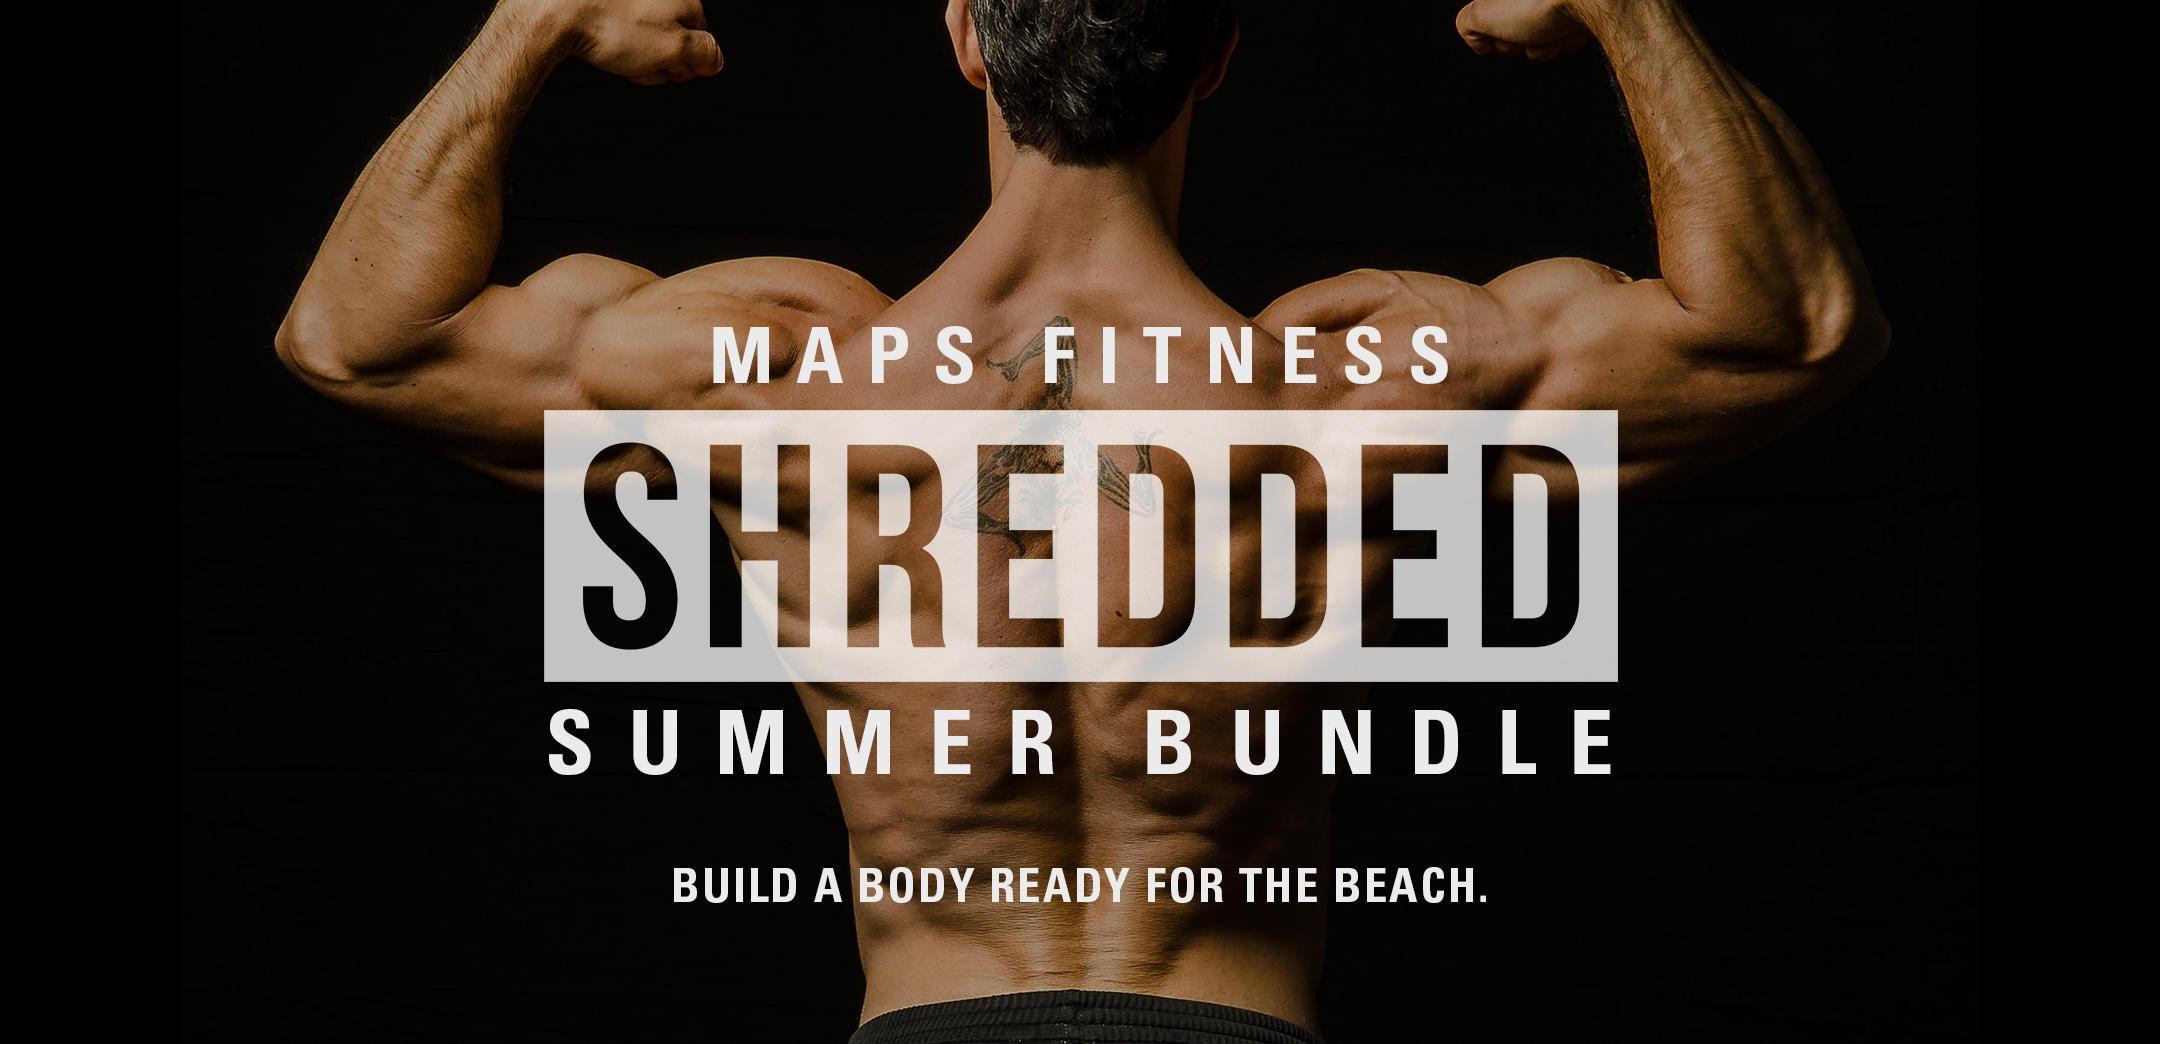 Shredded Bundle image